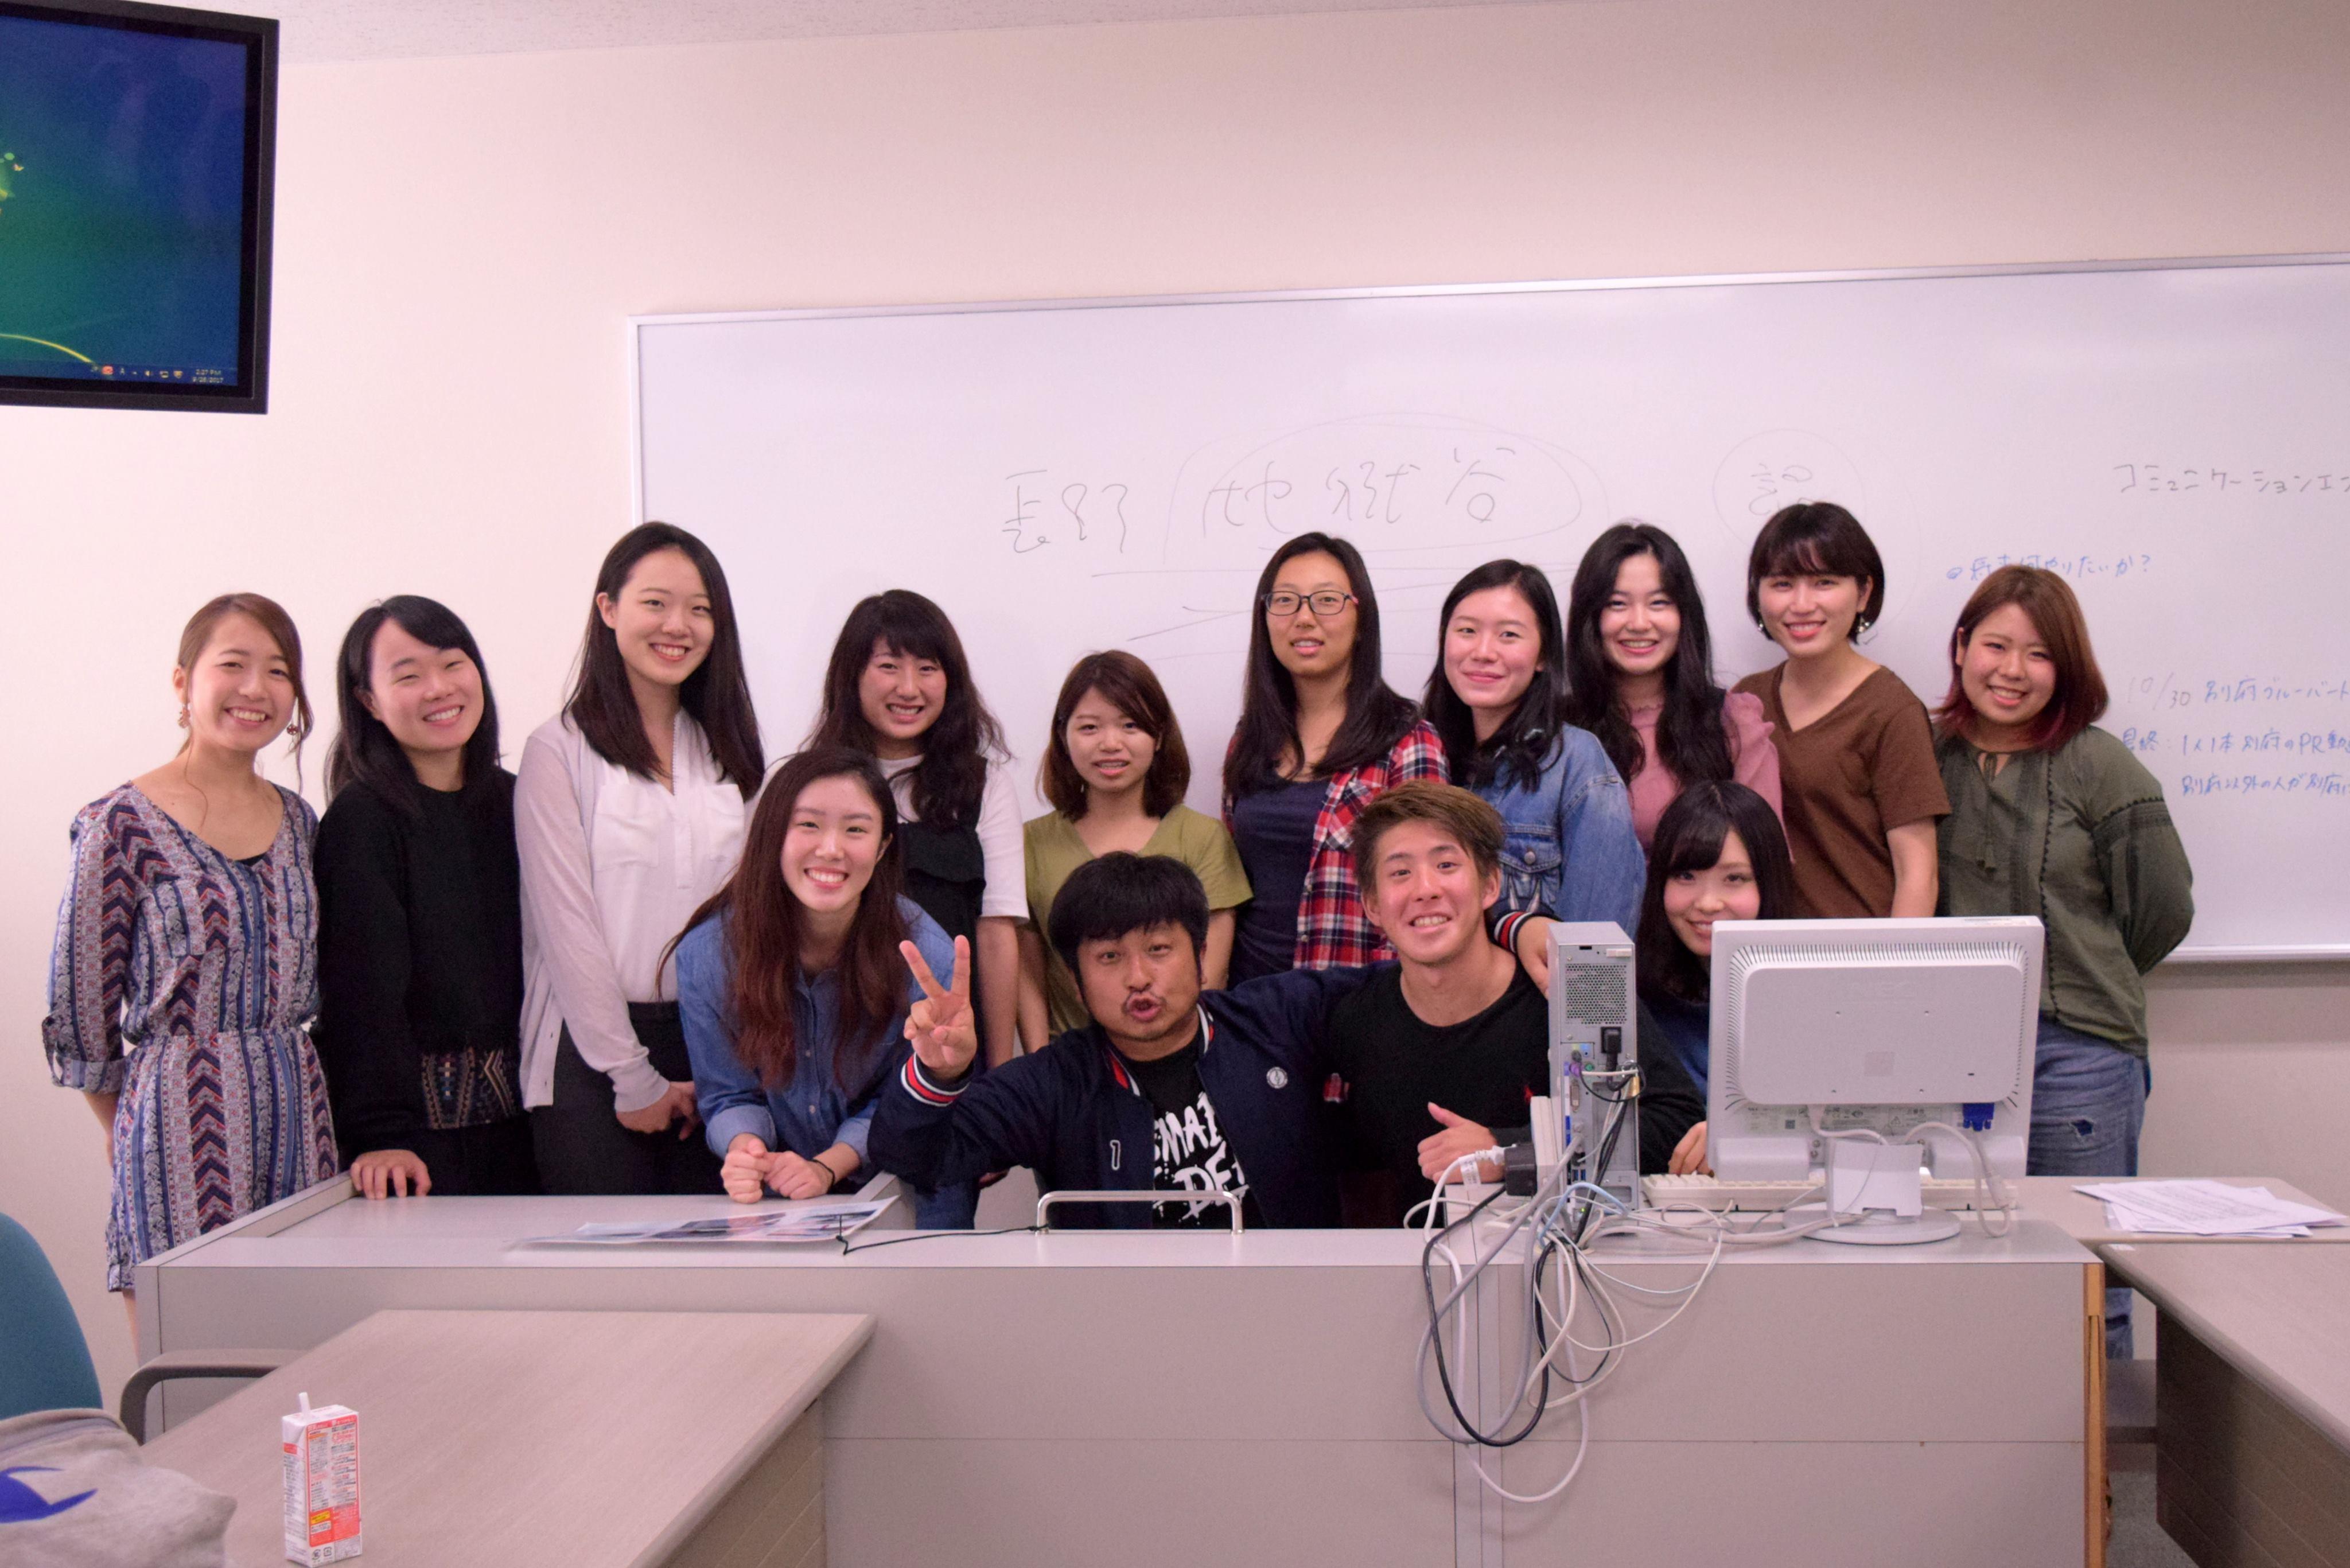 http://news.yoshimoto.co.jp/20170927181933-2c7b52146d26de15163b9aaa504544fe2e4093ed.jpg